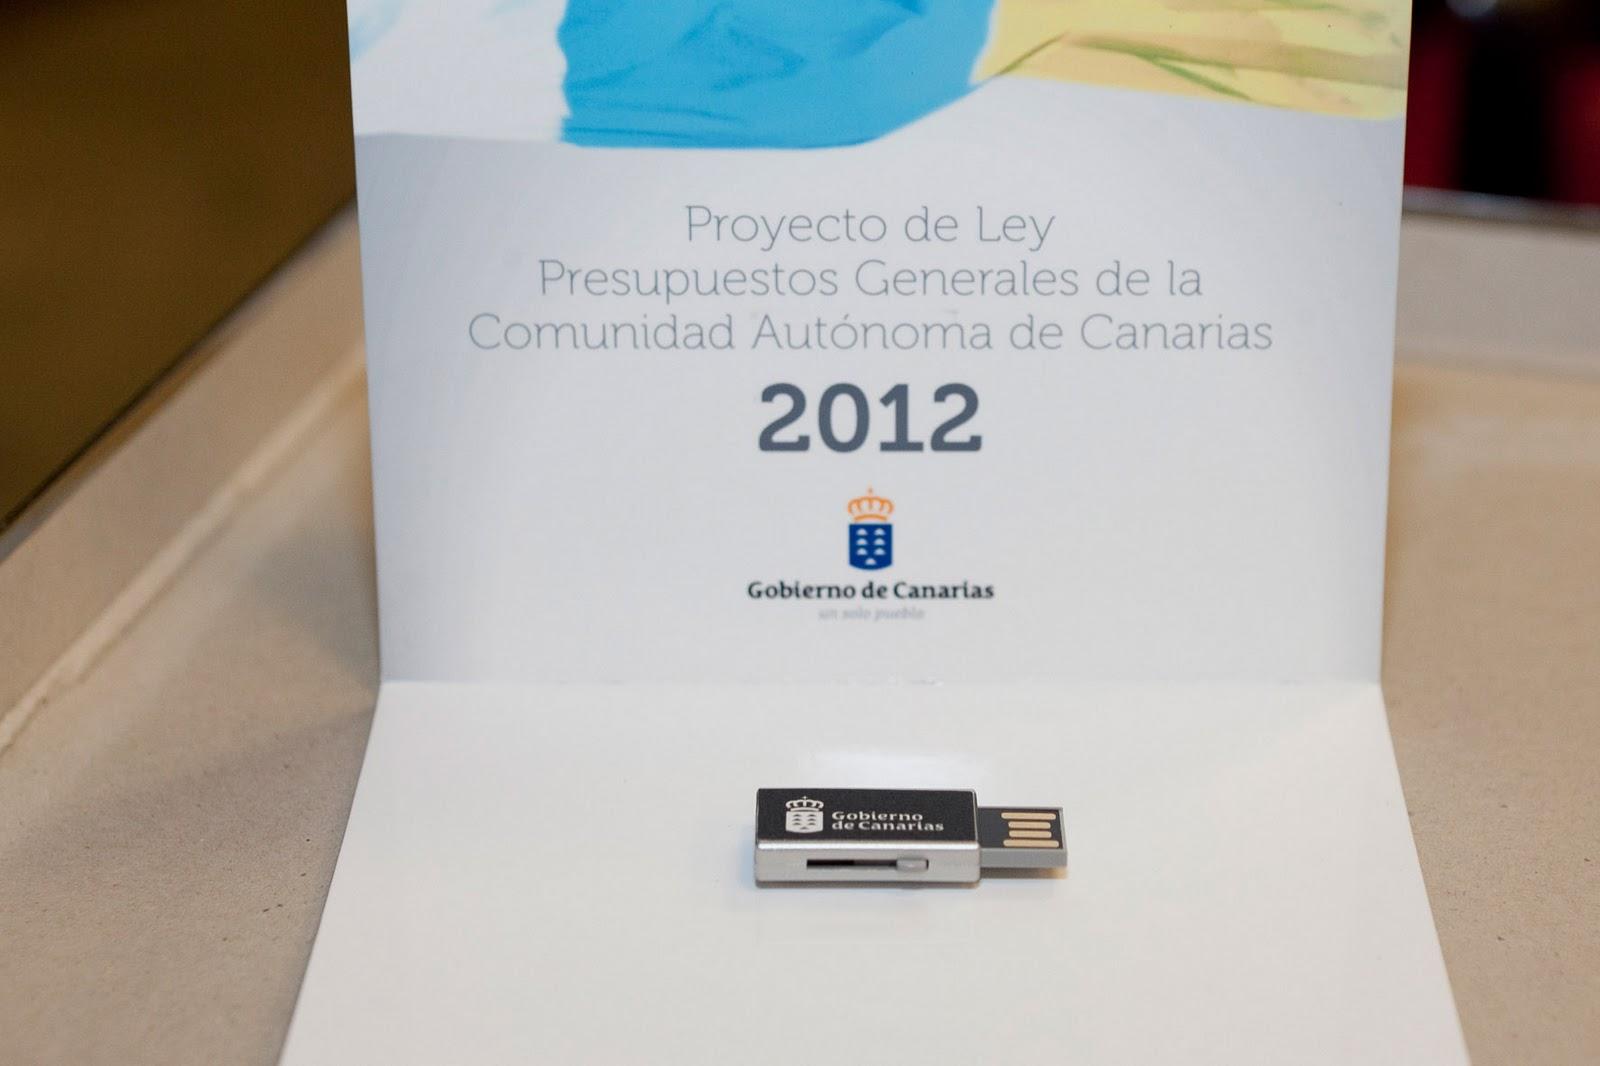 Memorias usb personalizadas gobierno de Canarias